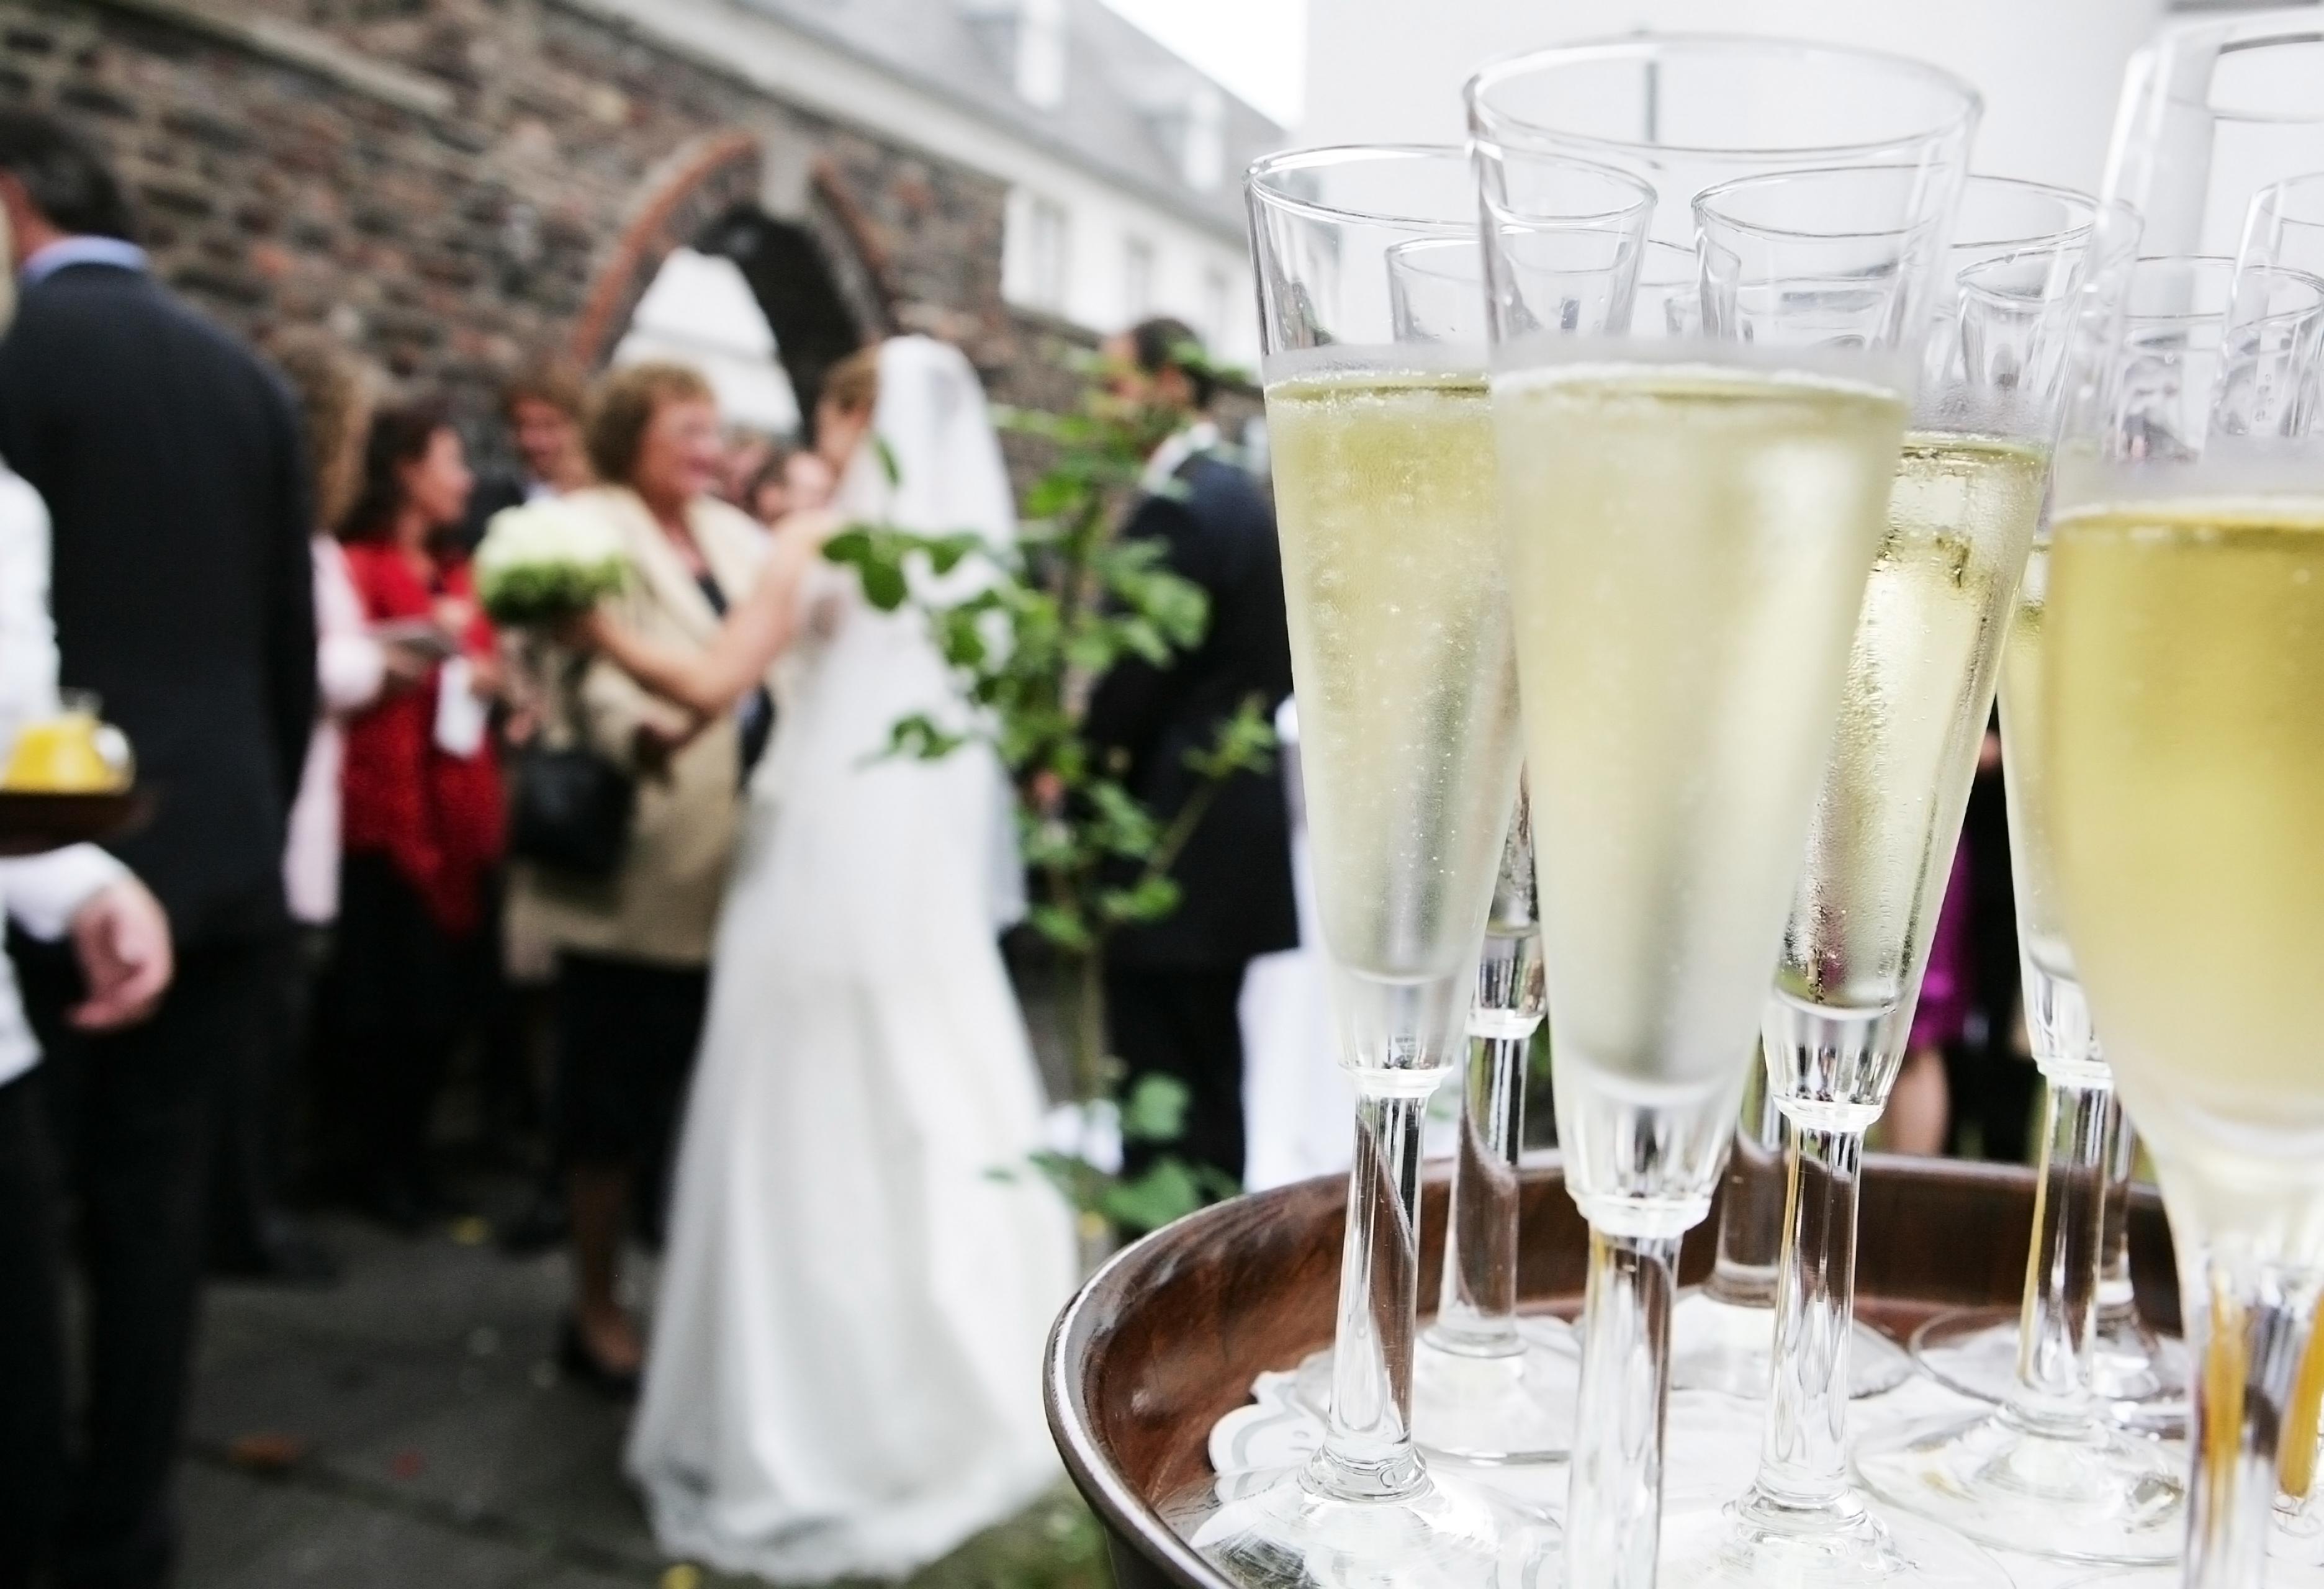 Sektempfang auf einer Hochzeit